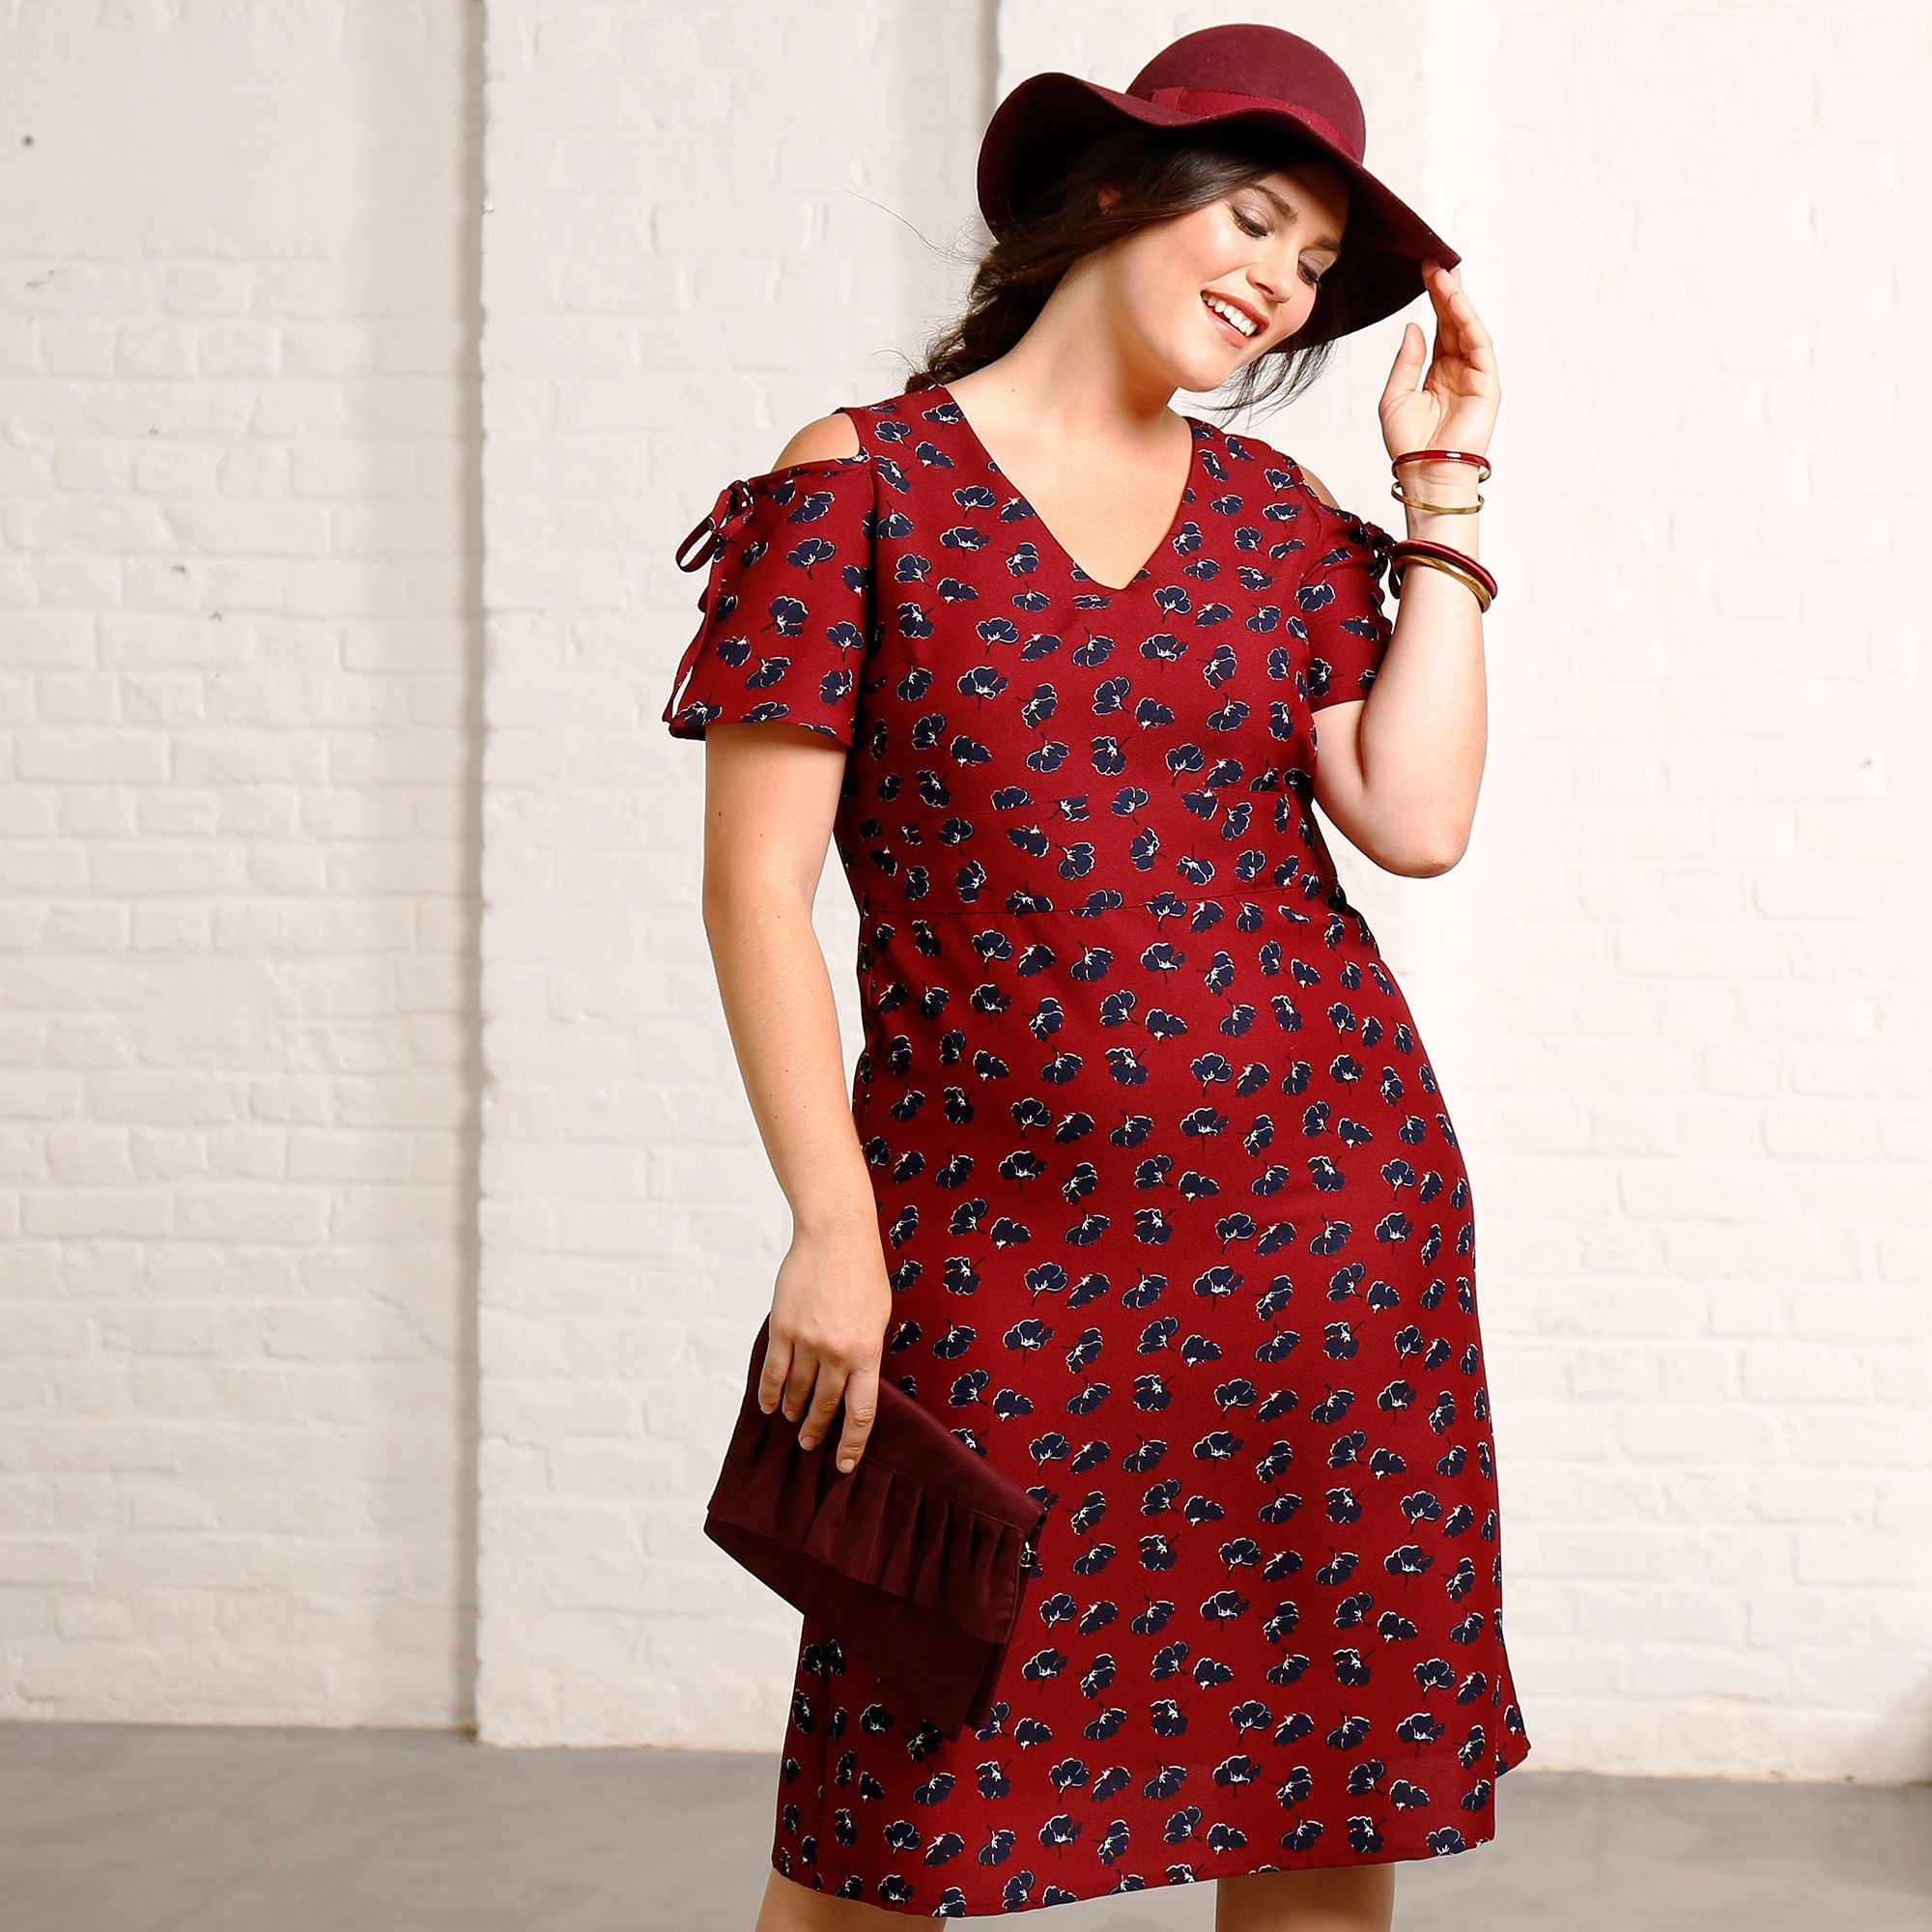 site réputé 74810 a7f14 Le charme opère avec cette robe Isabella®, joliment ...